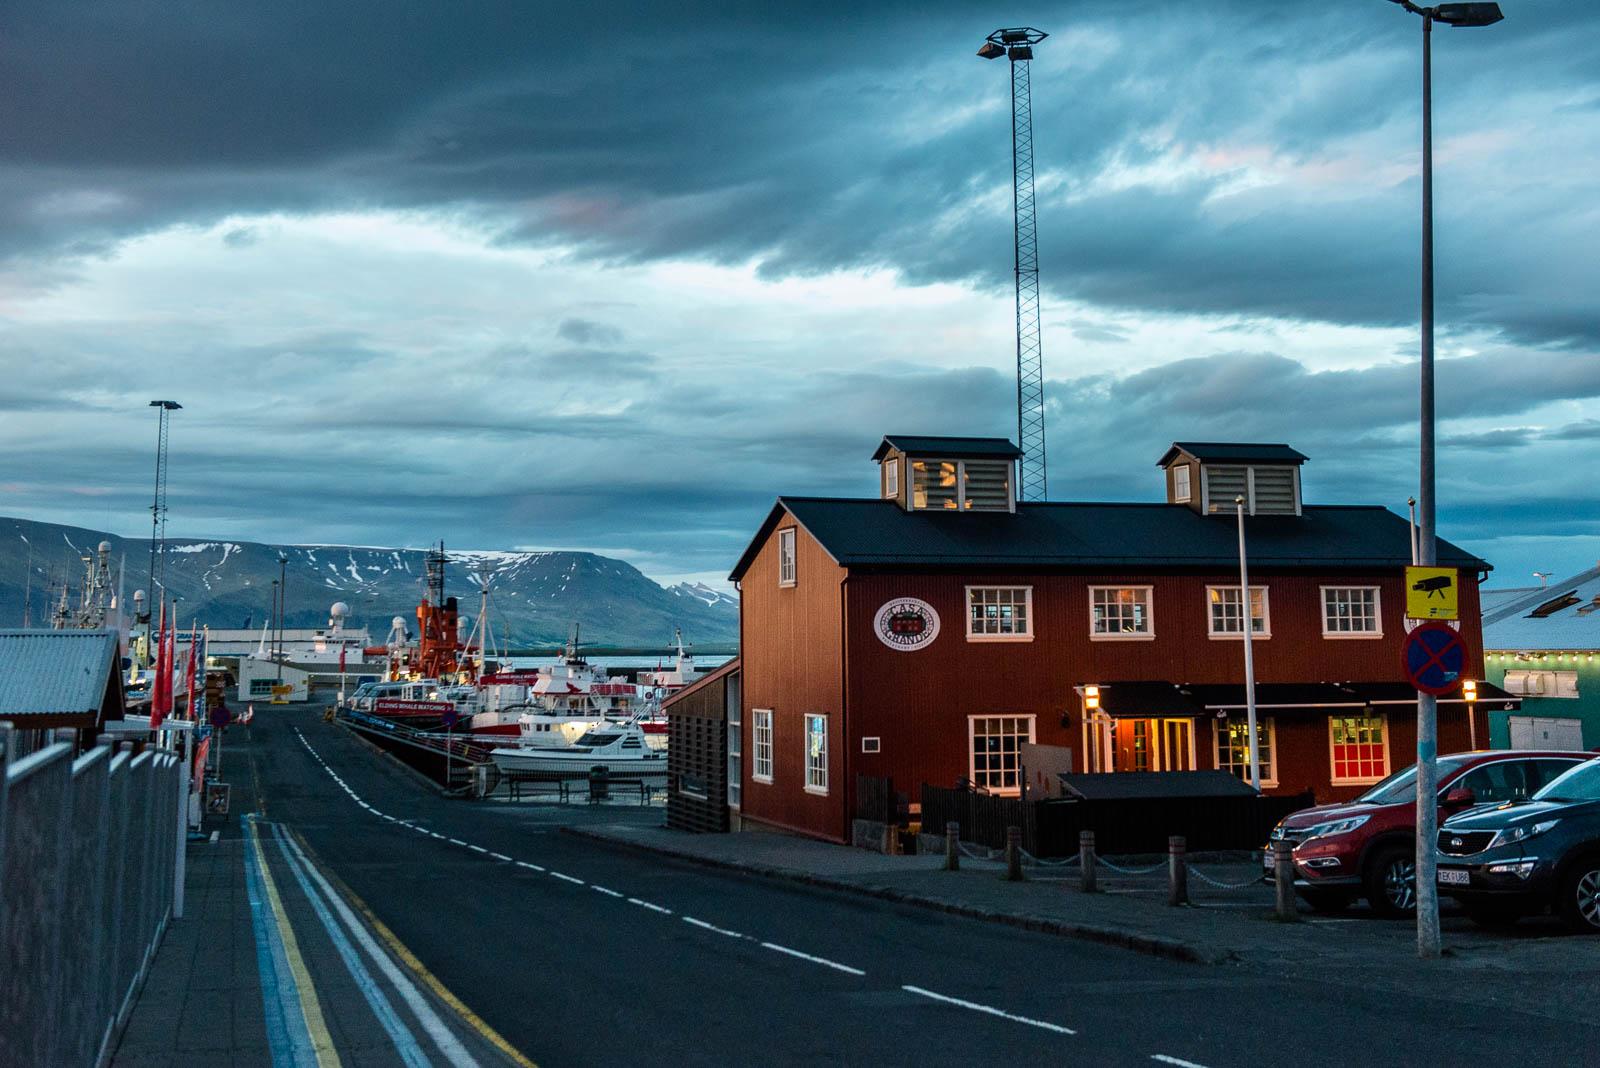 iceland-reykjavik-12